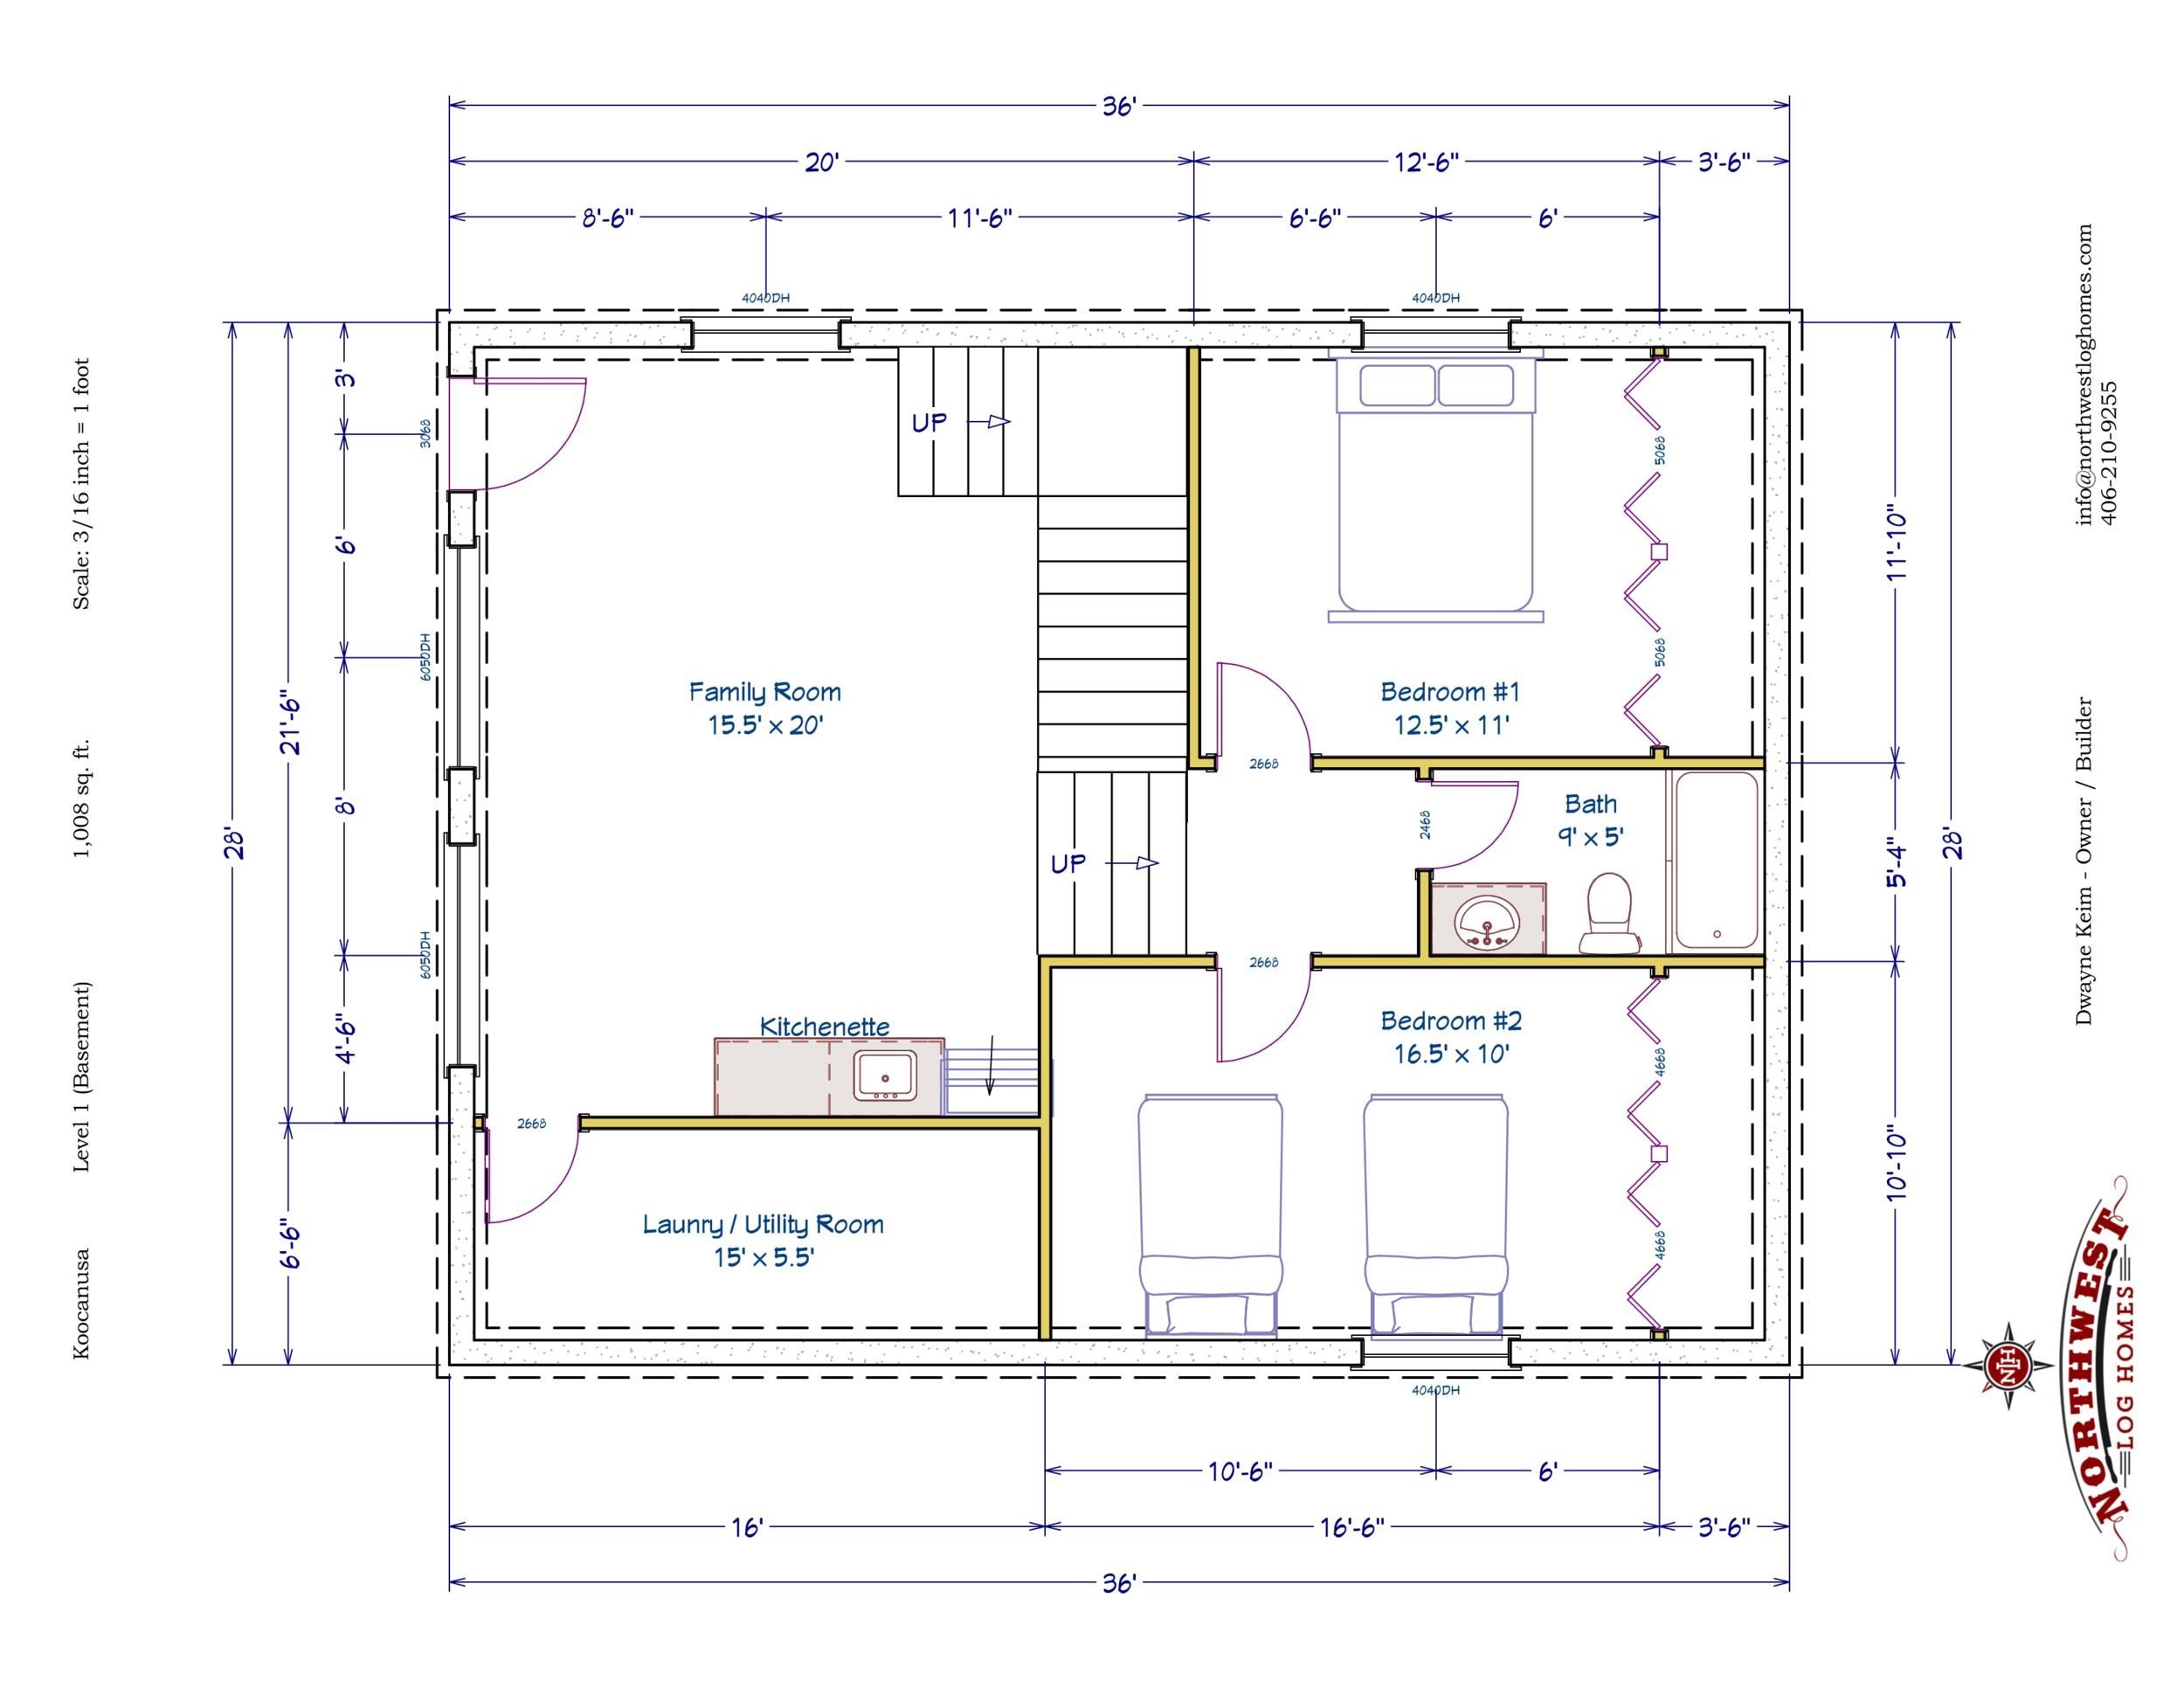 Basement - 1,008 sq. ft.